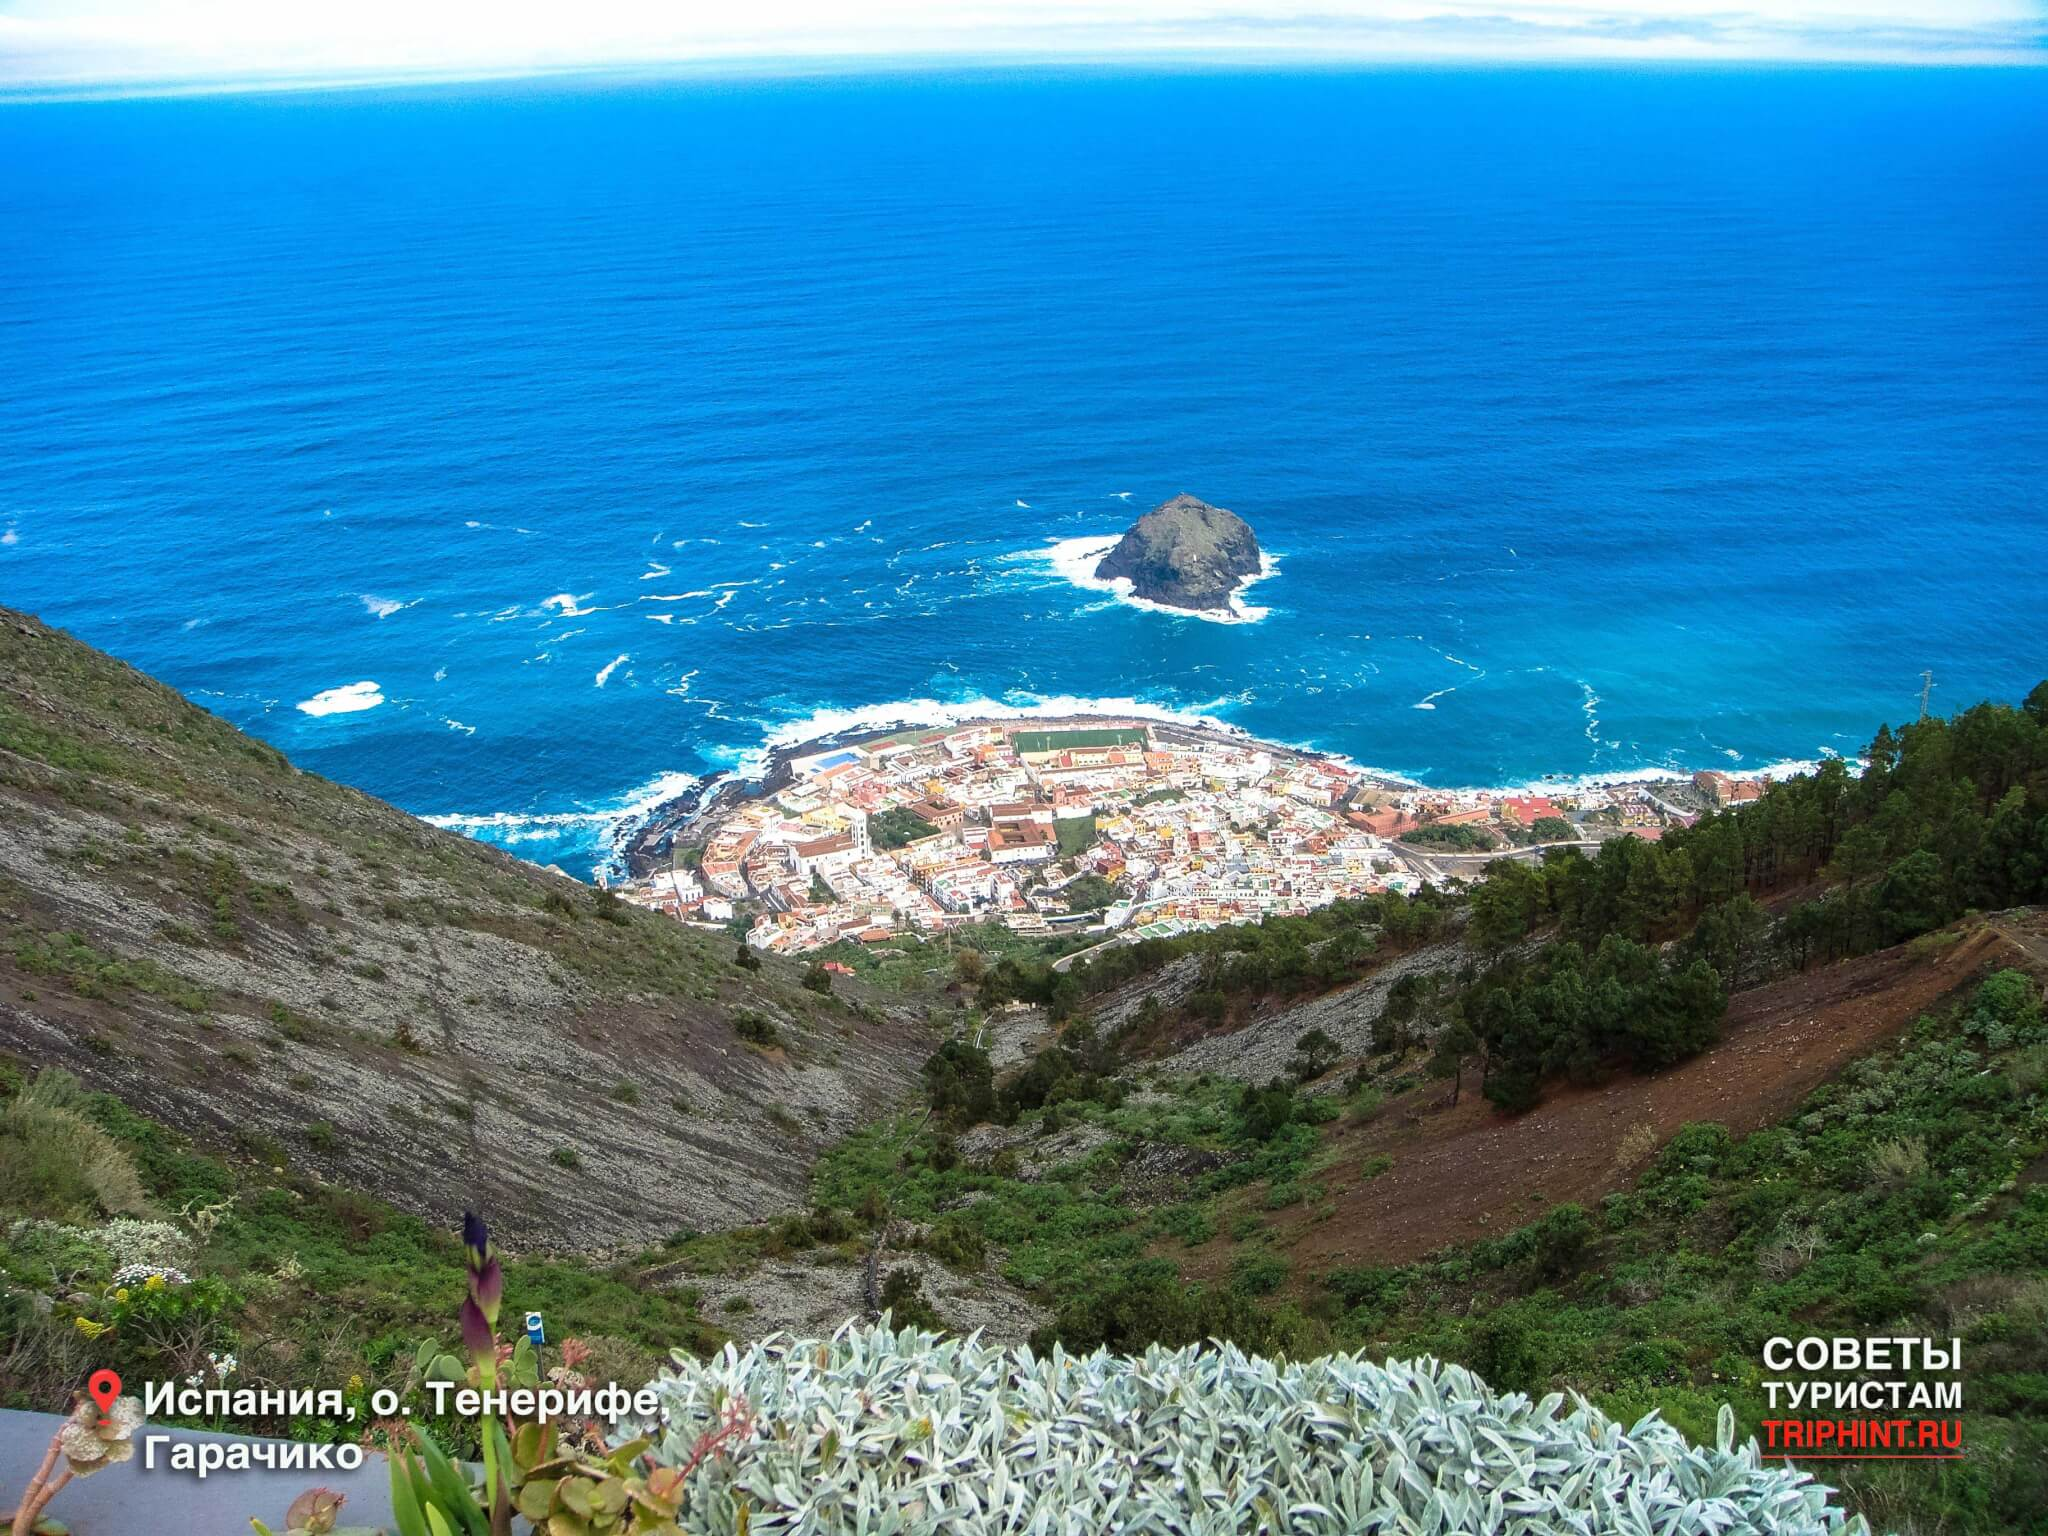 Отдых в Испании в октябре. Канарские острова, Тенерифе, Гарачико